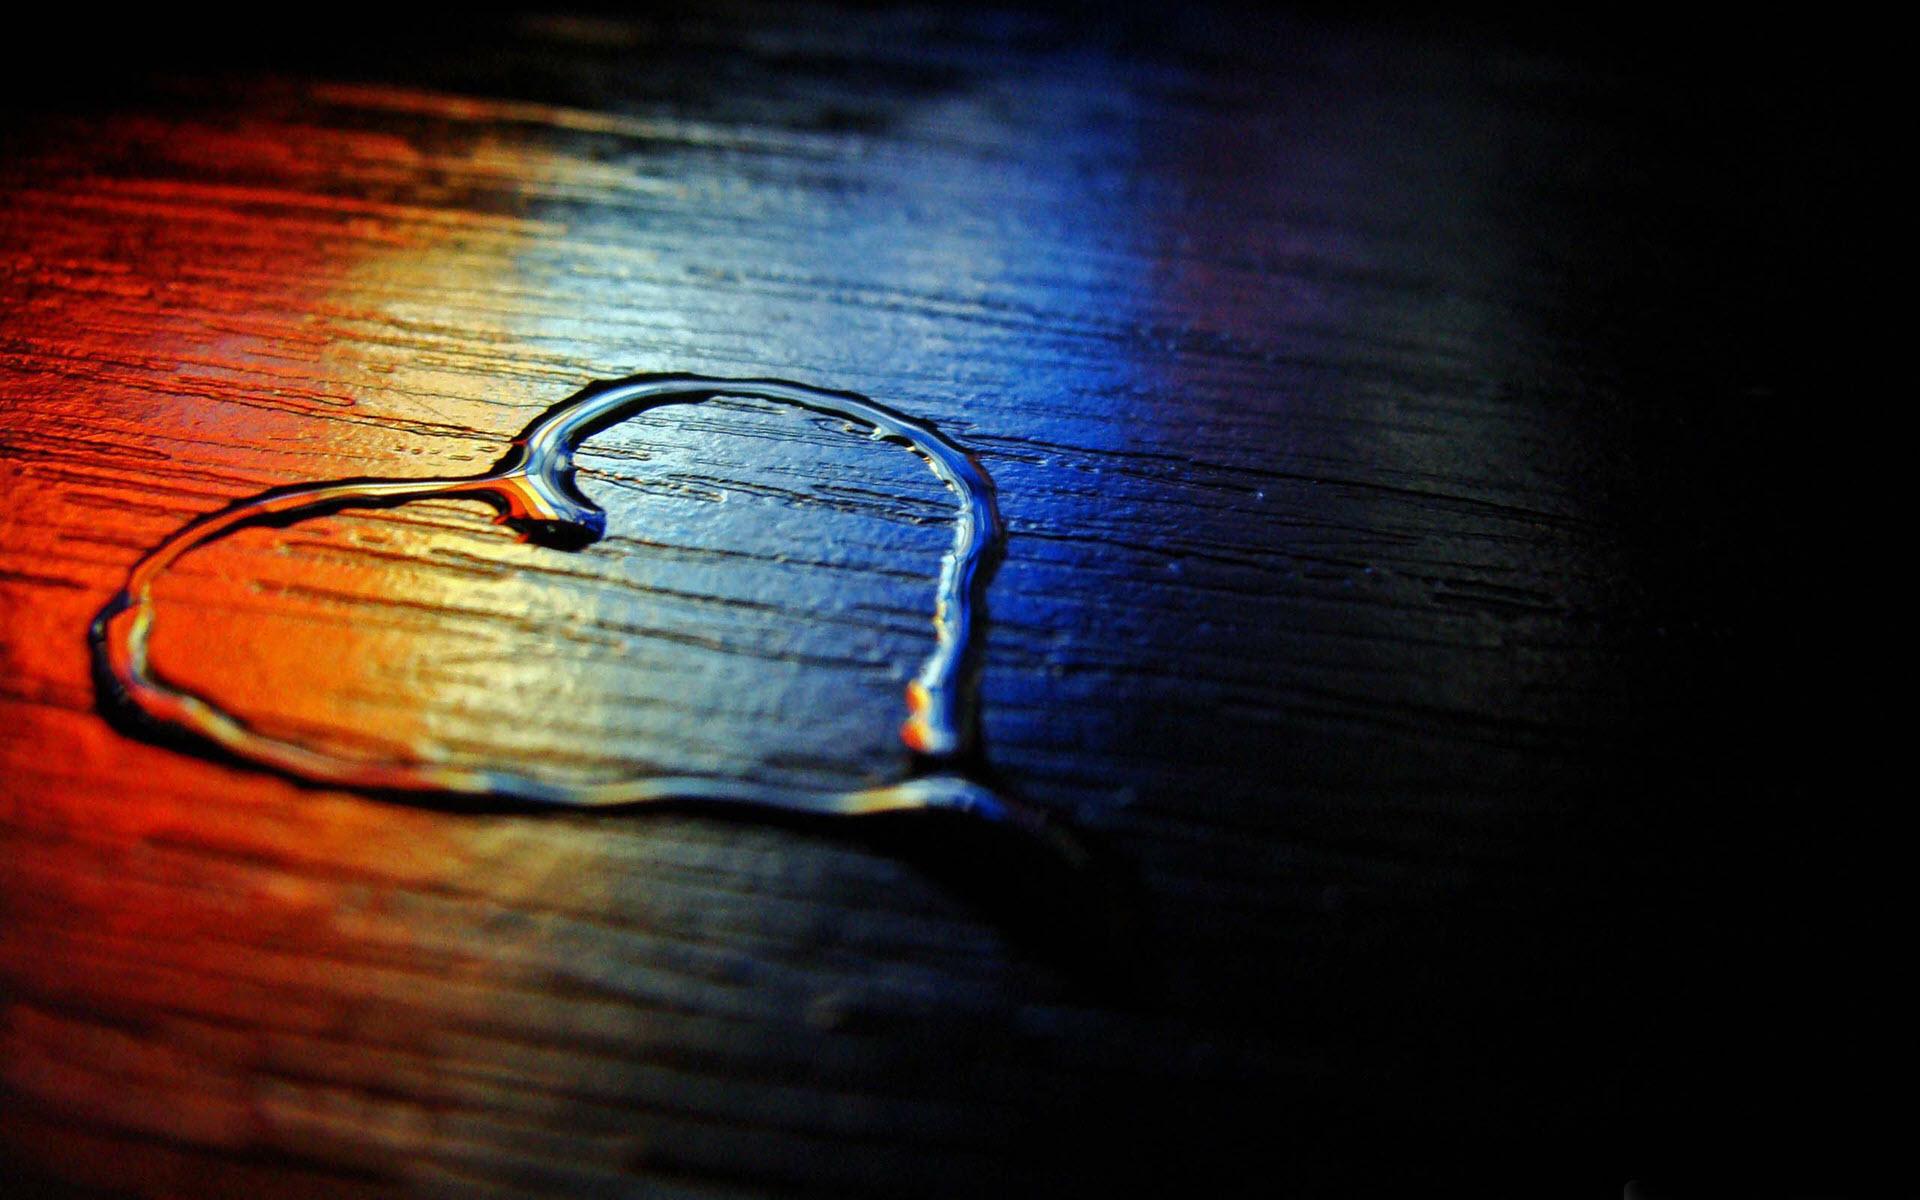 Hình nền powerpoint tình yêu